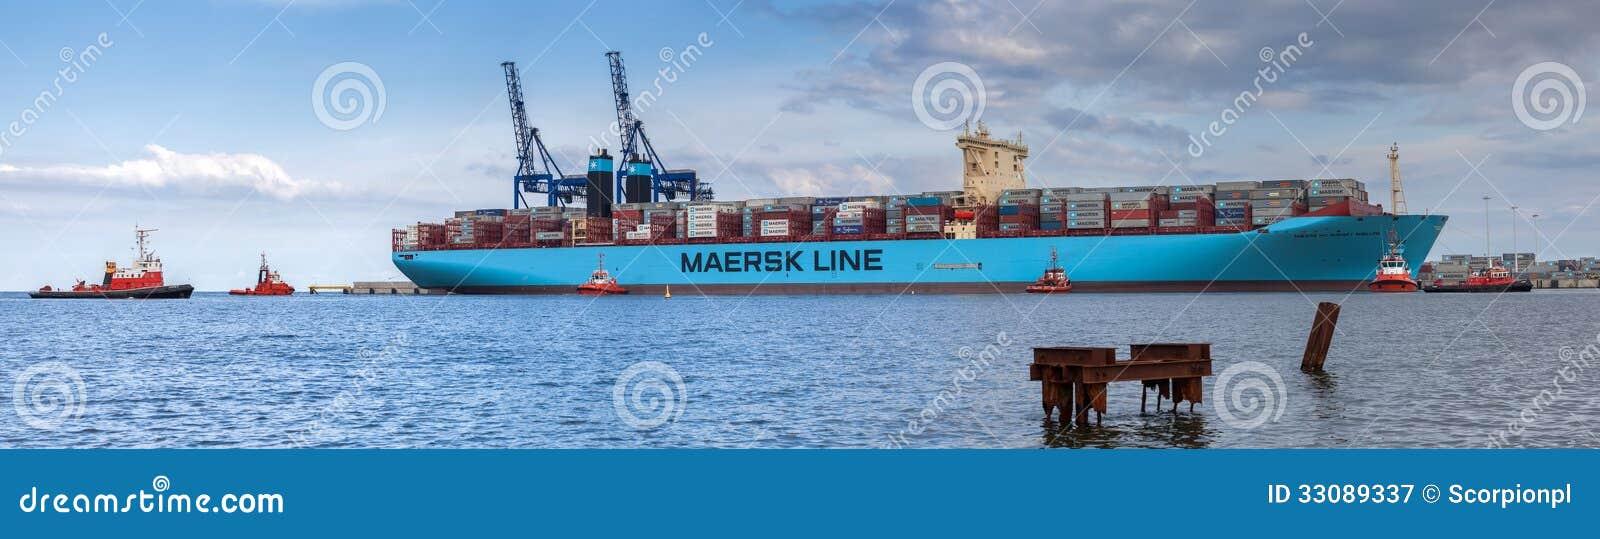 Le plus grand navire porte conteneurs dans le monde dans le port de danzig pologne - Plus grand porte conteneur du monde ...